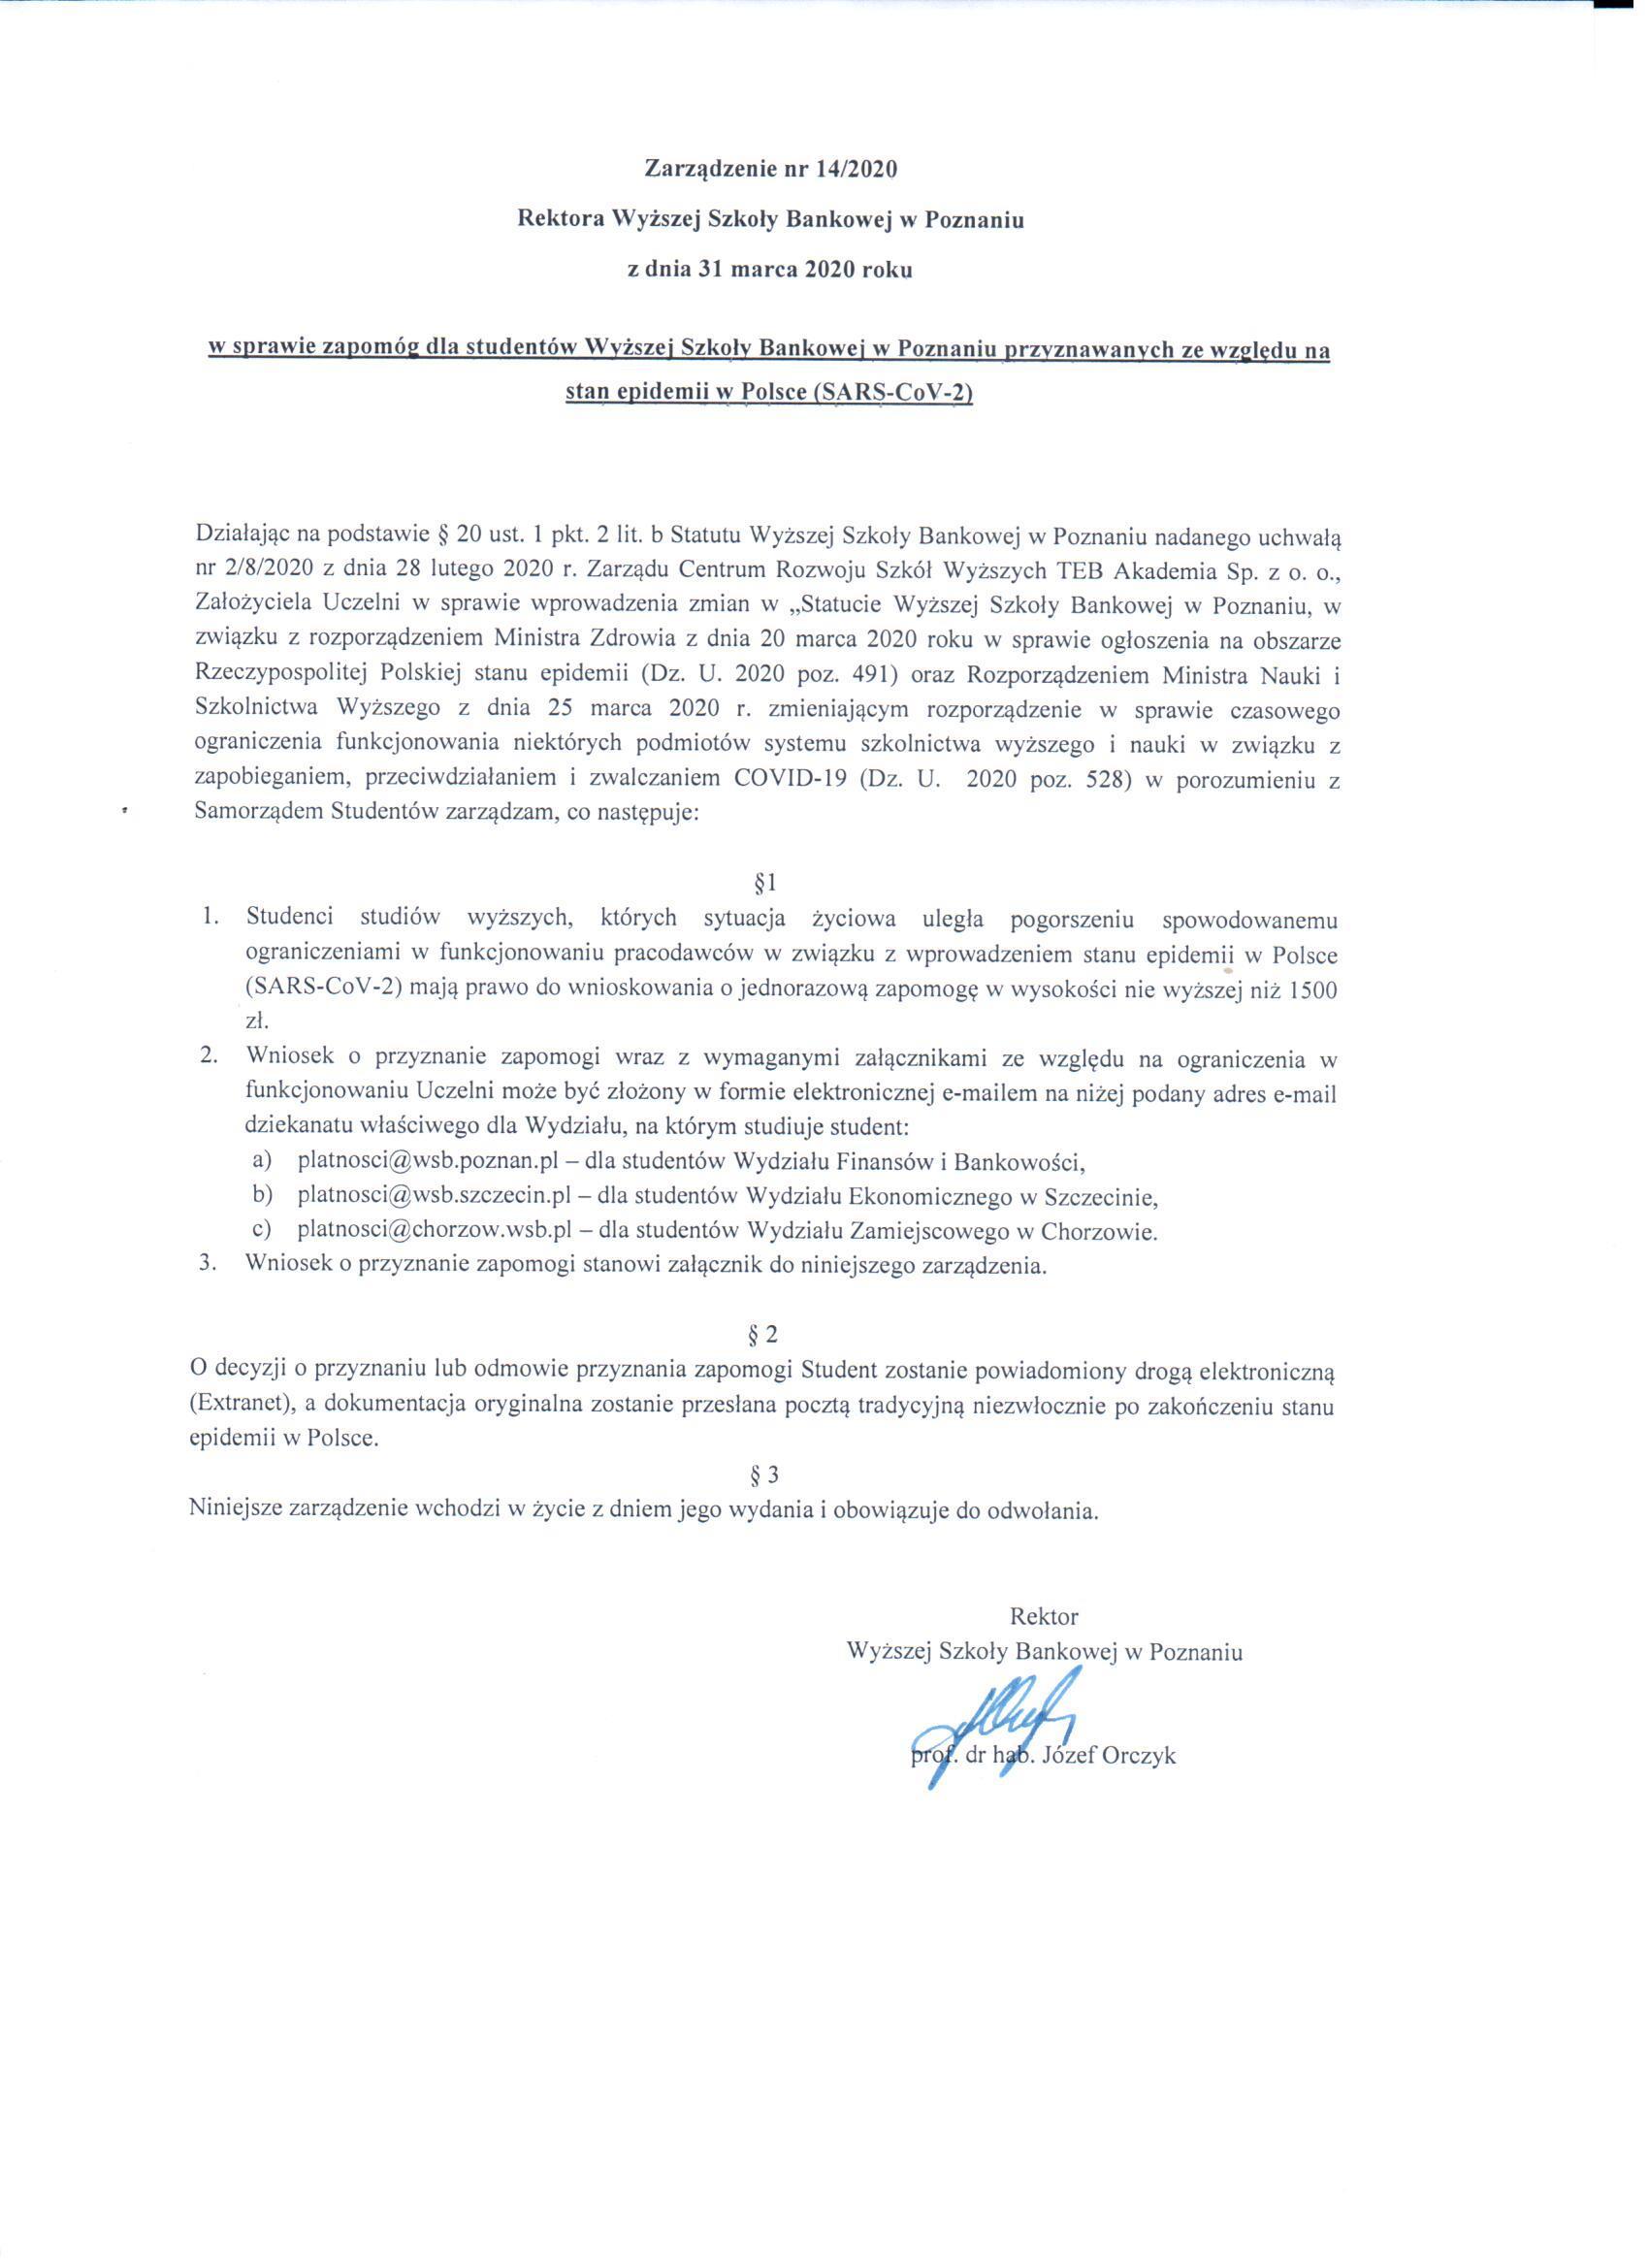 poznan:regulaminy:zarzadzenie_rektora_nr_14_2020_zapomoga_koronawirus.jpg